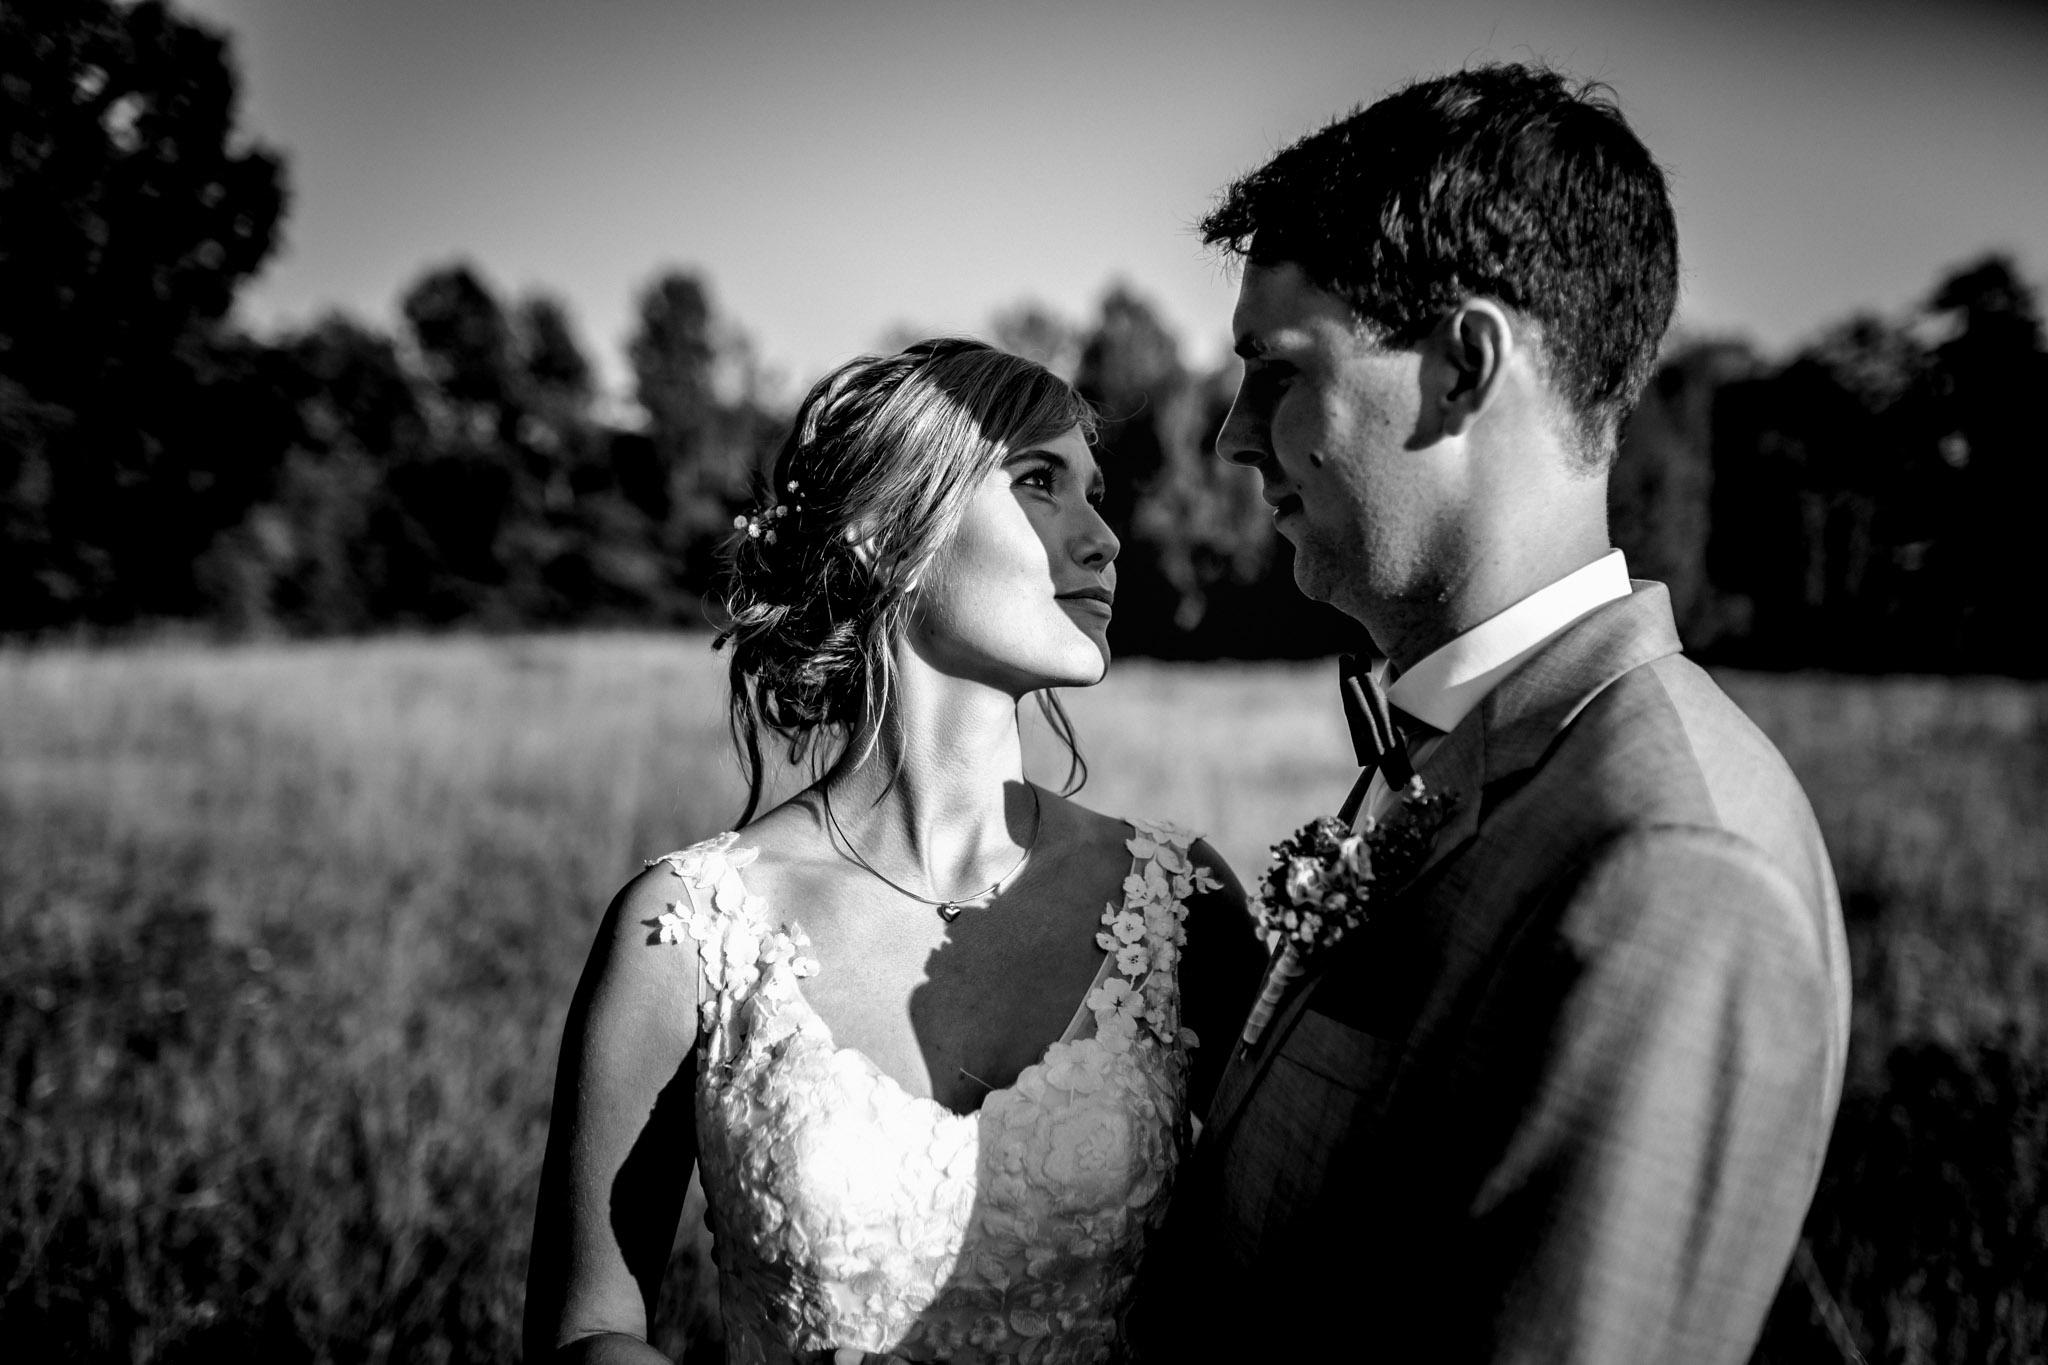 Sven Schomburg Hochzeitsfotografie, Hamburg, Mölln, Hochzeitsfieber by Photo-Schomburg, Hochzeitsreportage, Forsthaus Waldhusen, Braut, Bräutigam-71